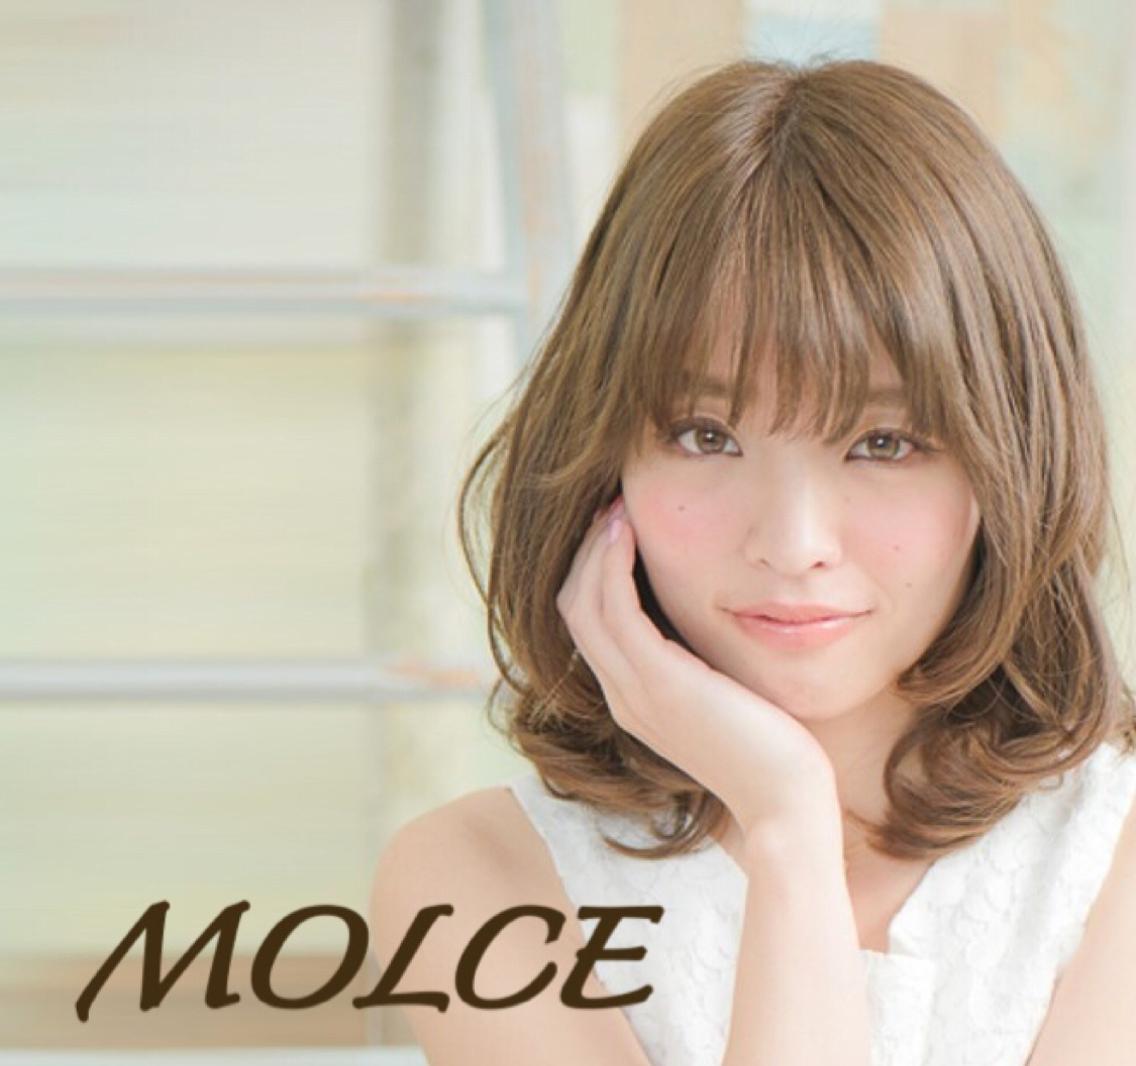 MOLCE稲毛店所属・MOLCE稲毛店の掲載